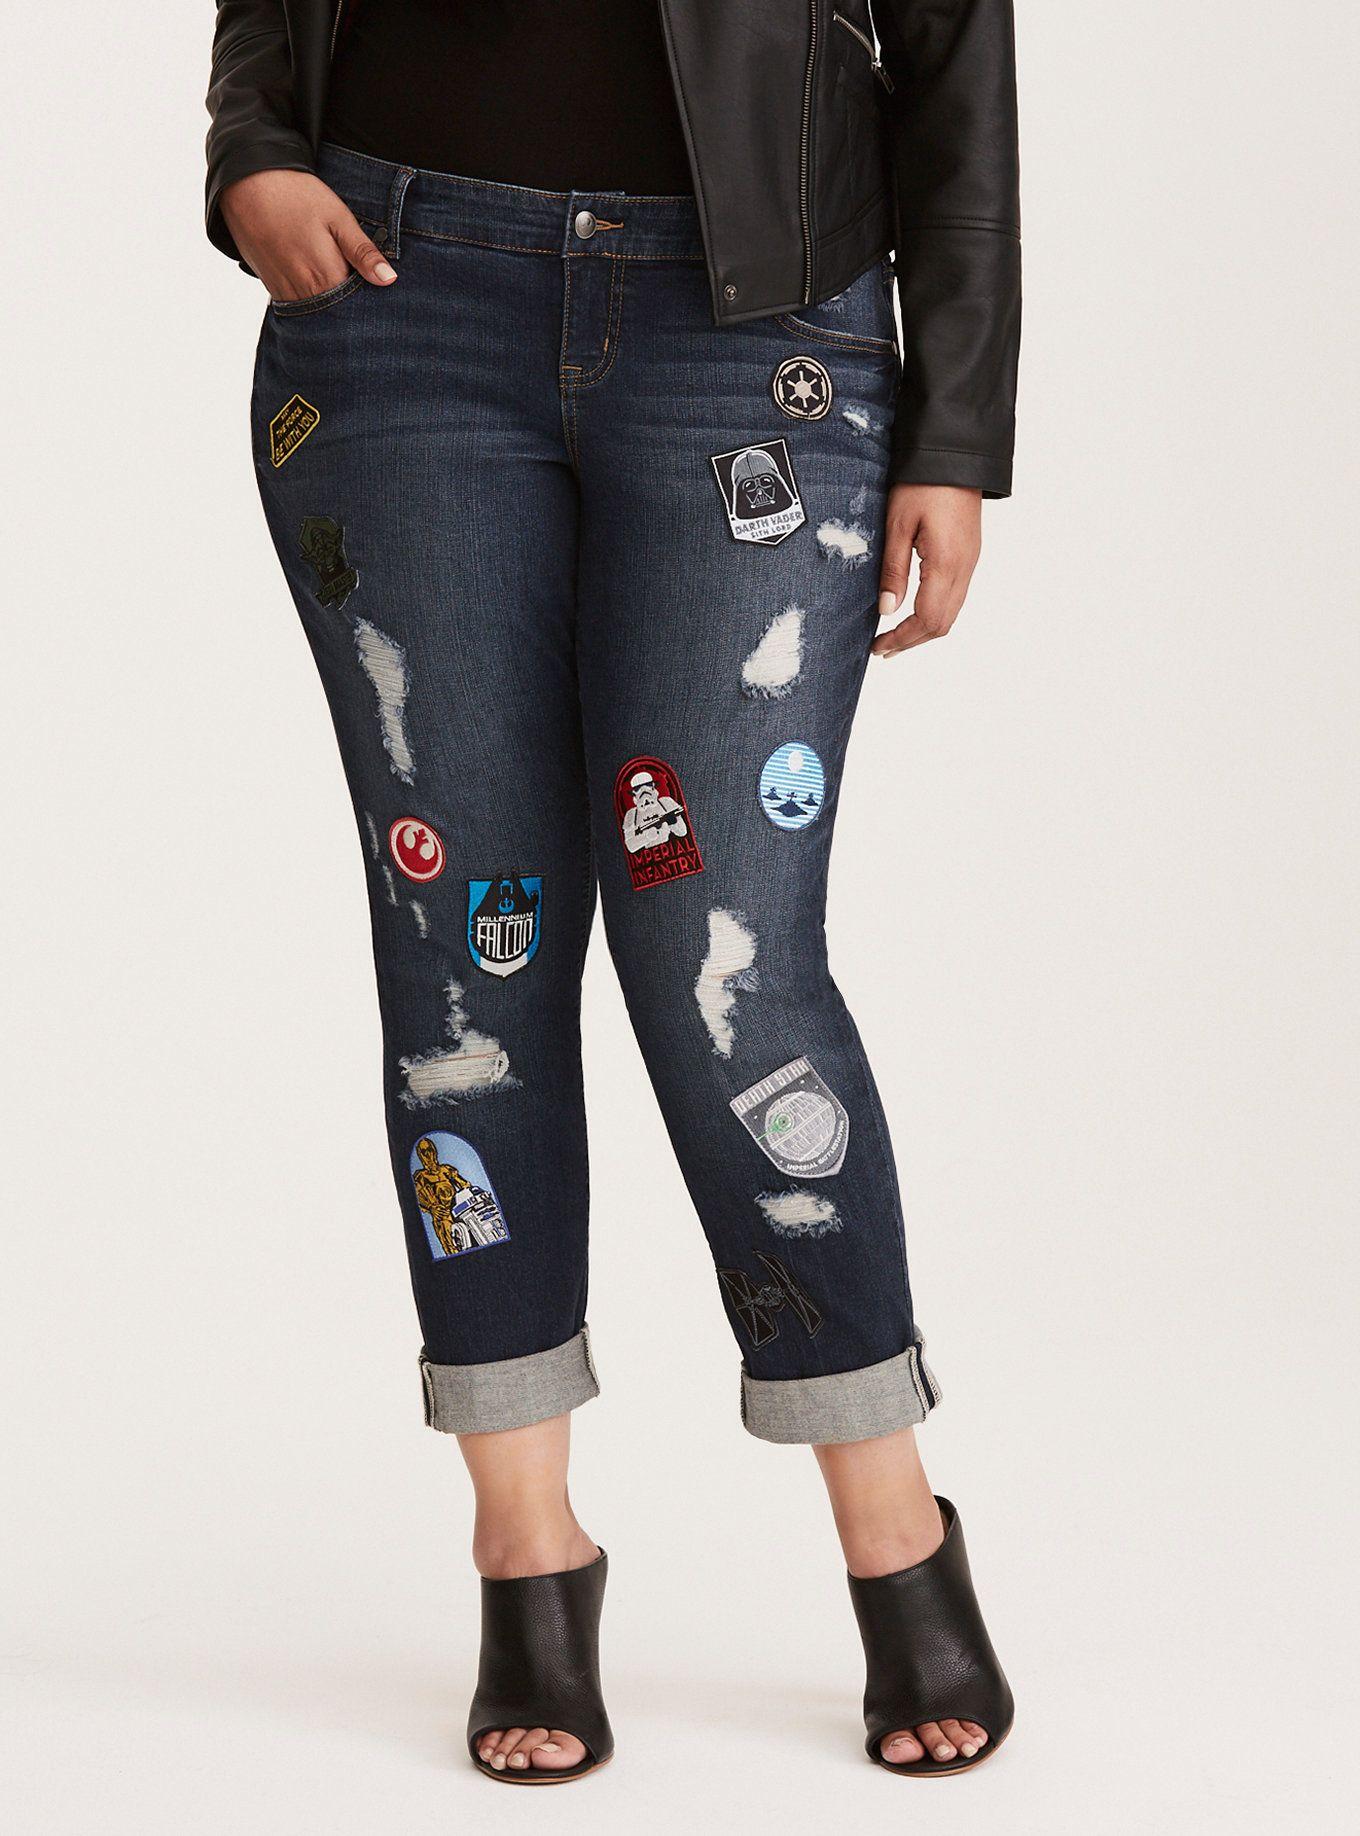 b7d4f52e9be Torrid Premium Boyfriend Jeans - Dark Wash with Star Wars Patches, - $99